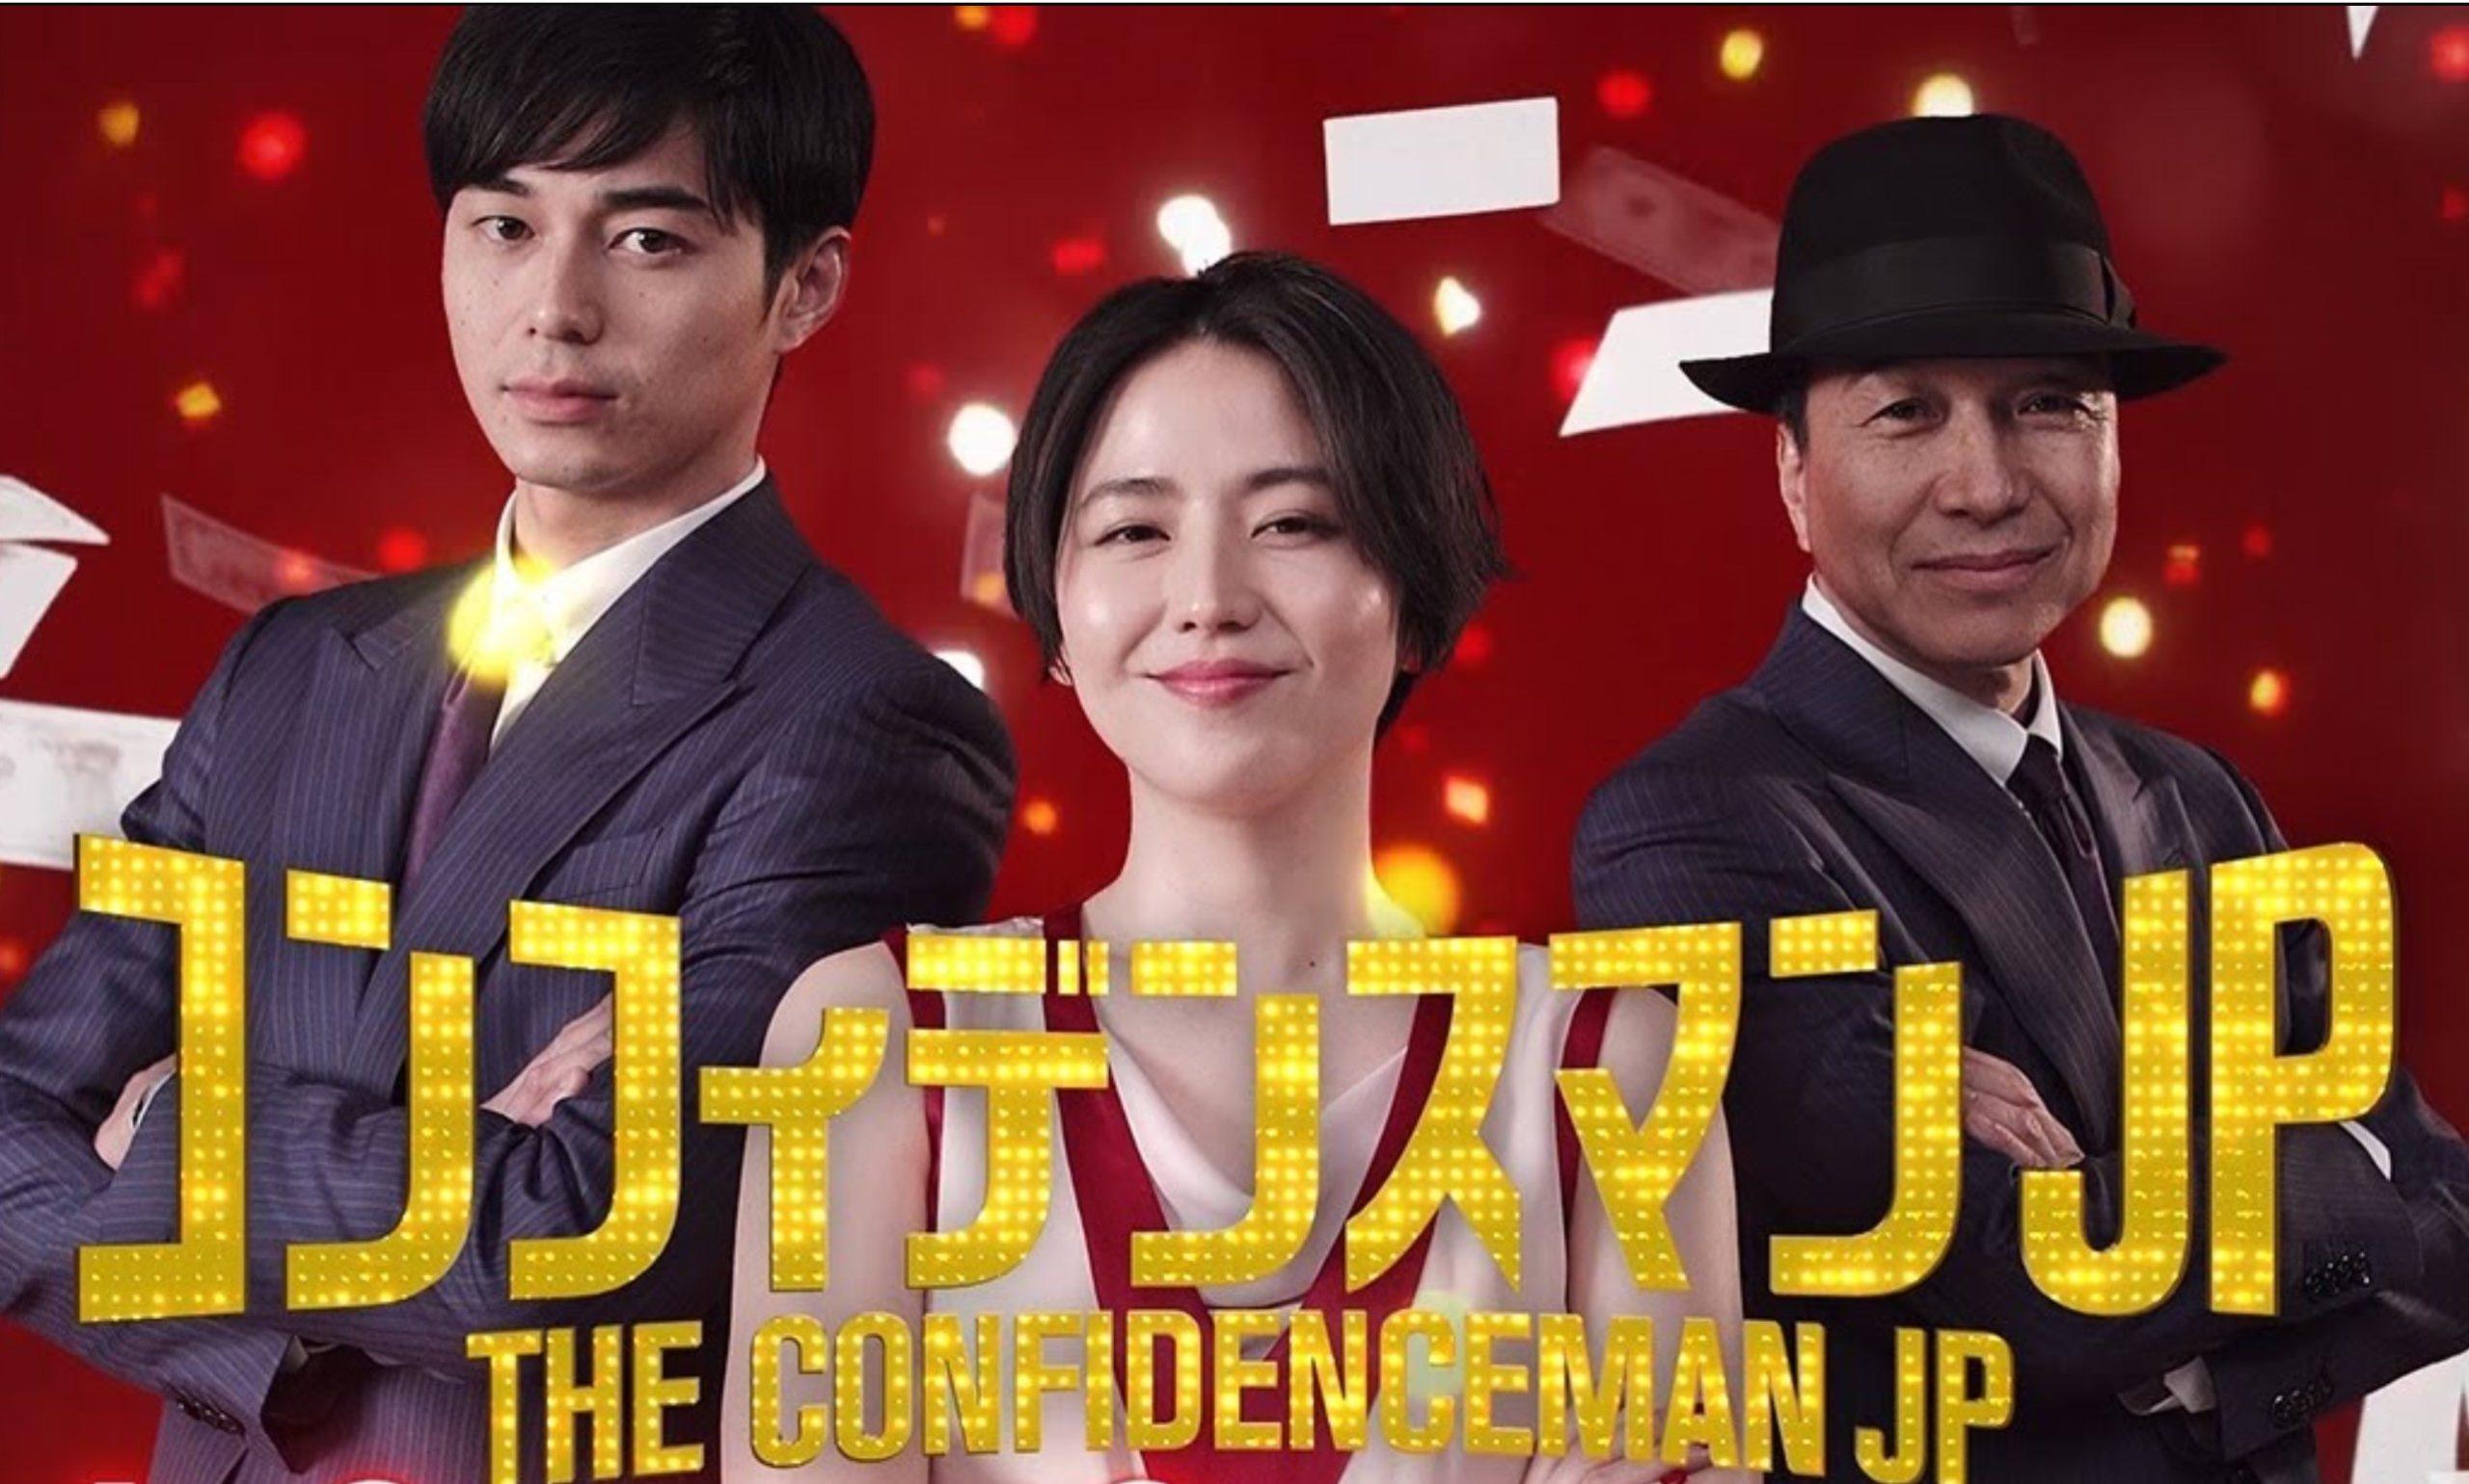 コンフィデンスマンJP(ドラマ)の最終回までの全話フル動画無料配信を視聴する方法!Dailymotionや9tsuでは見れない?